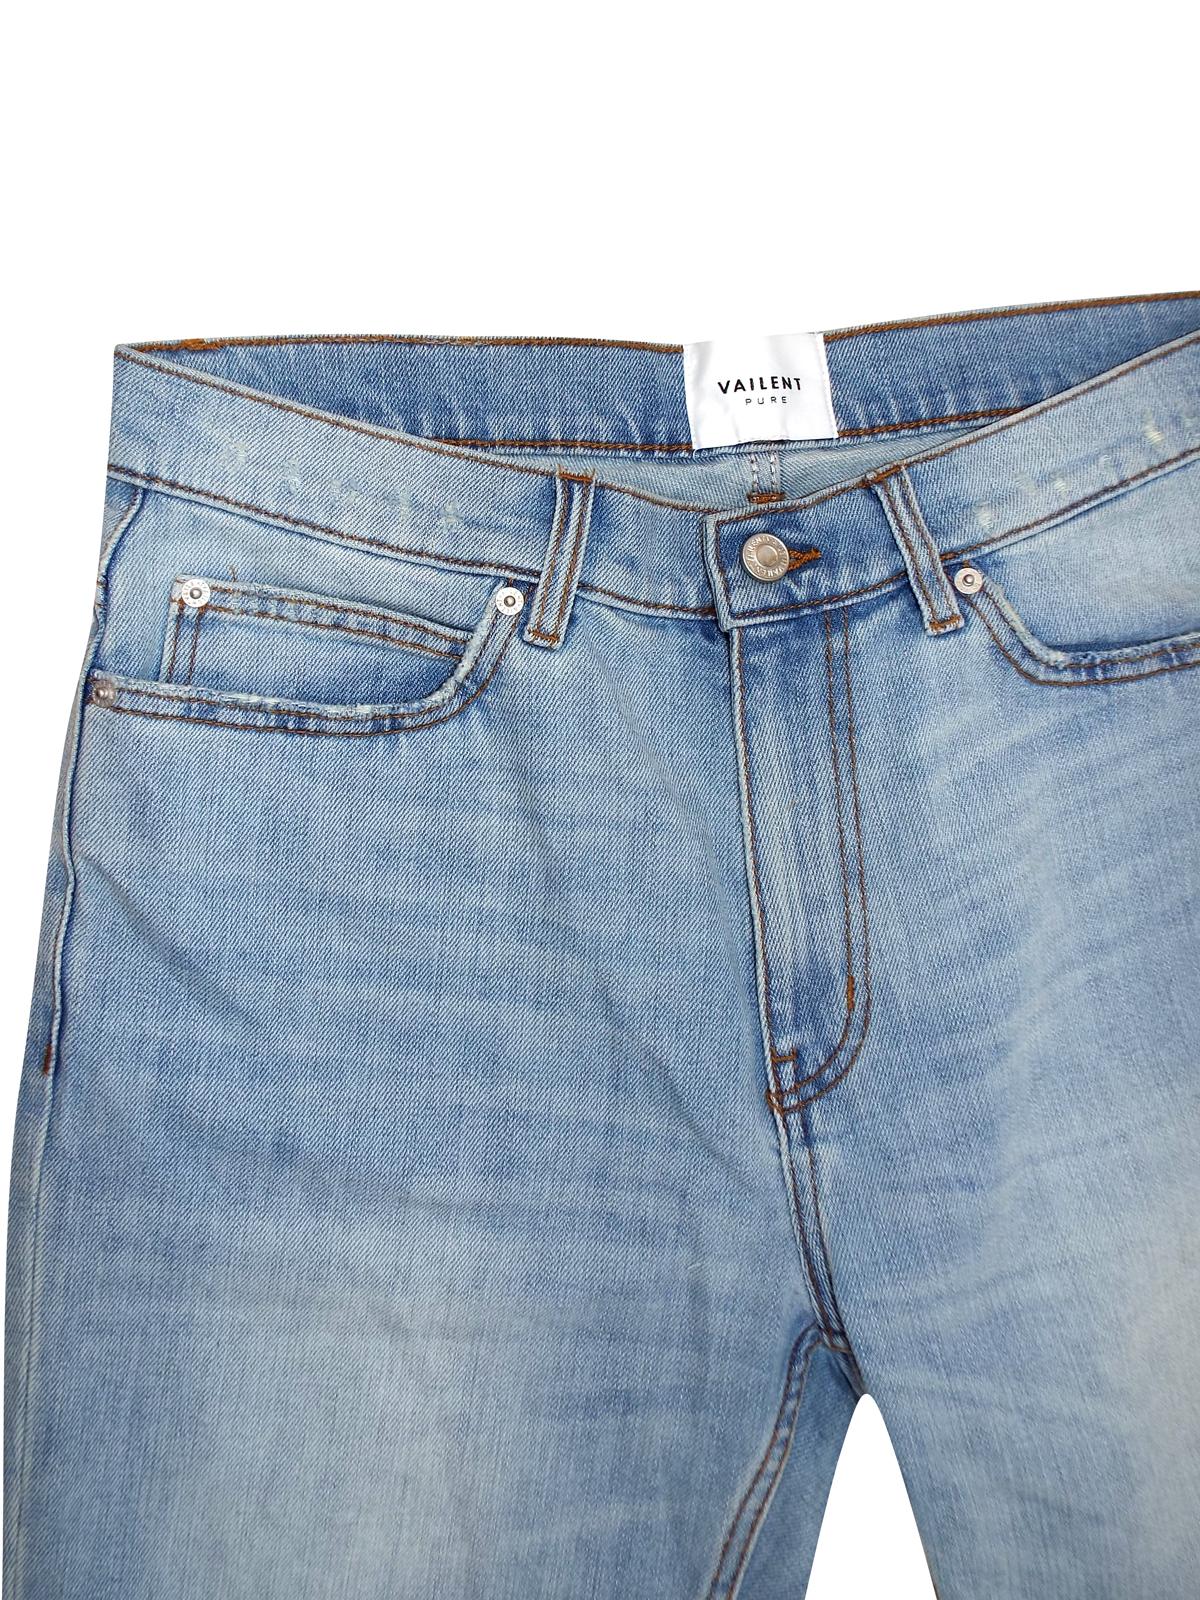 df745c4021f3 Vailent Pure - - Vailent Pure STONE-WASH Cotton Rich 5-Pocket ...